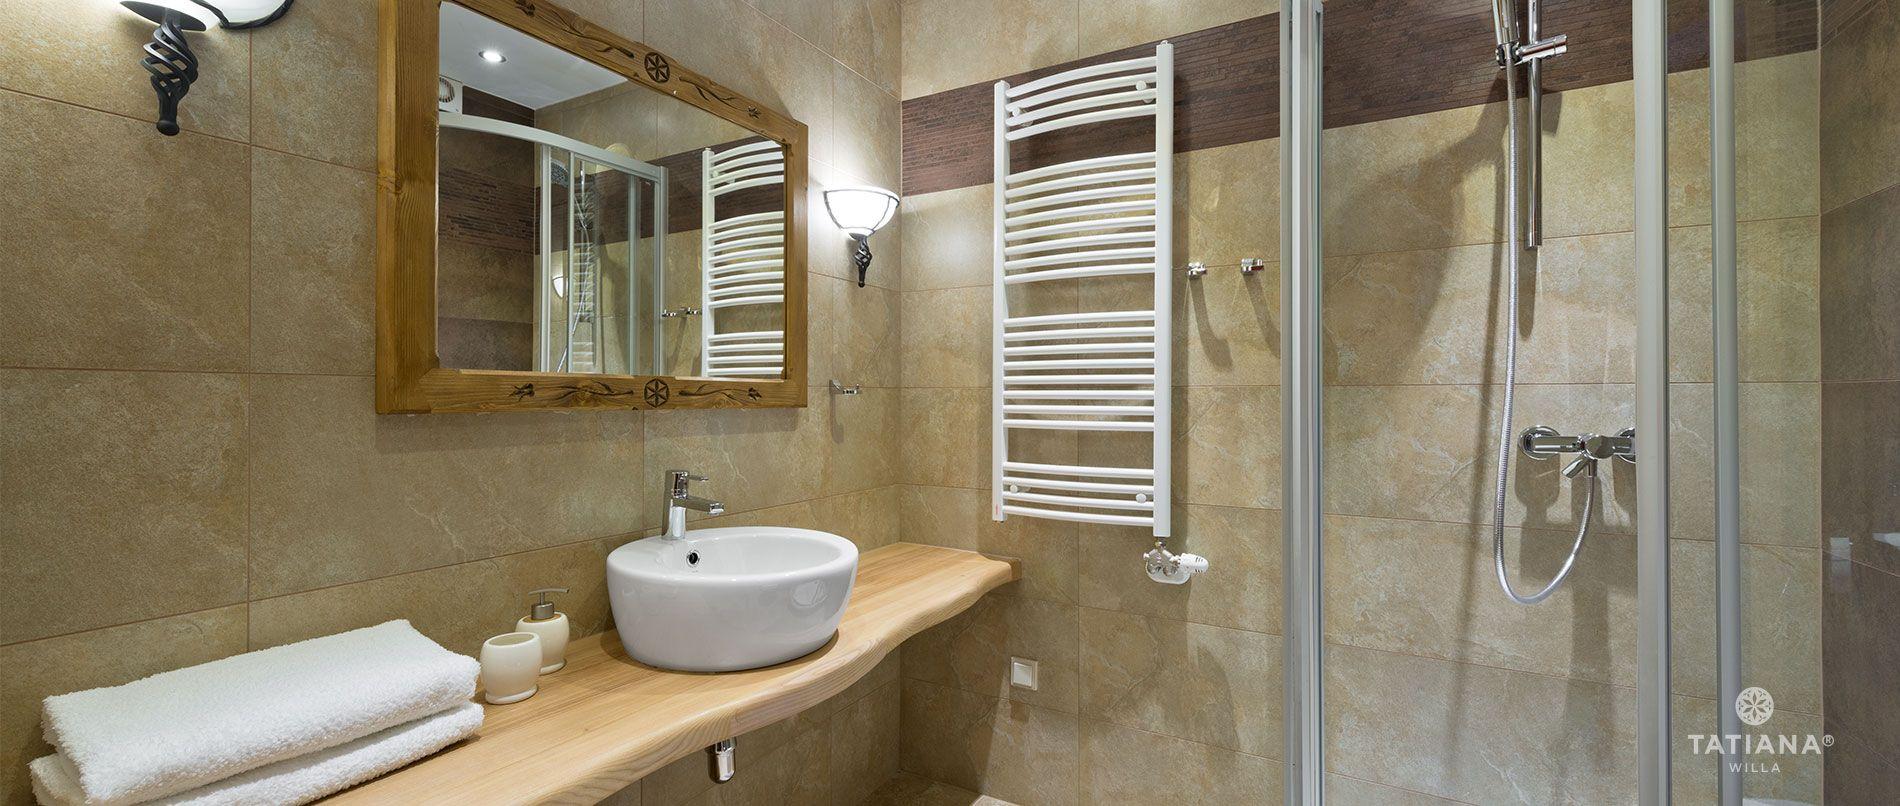 Apartament Lux10 - łazienka